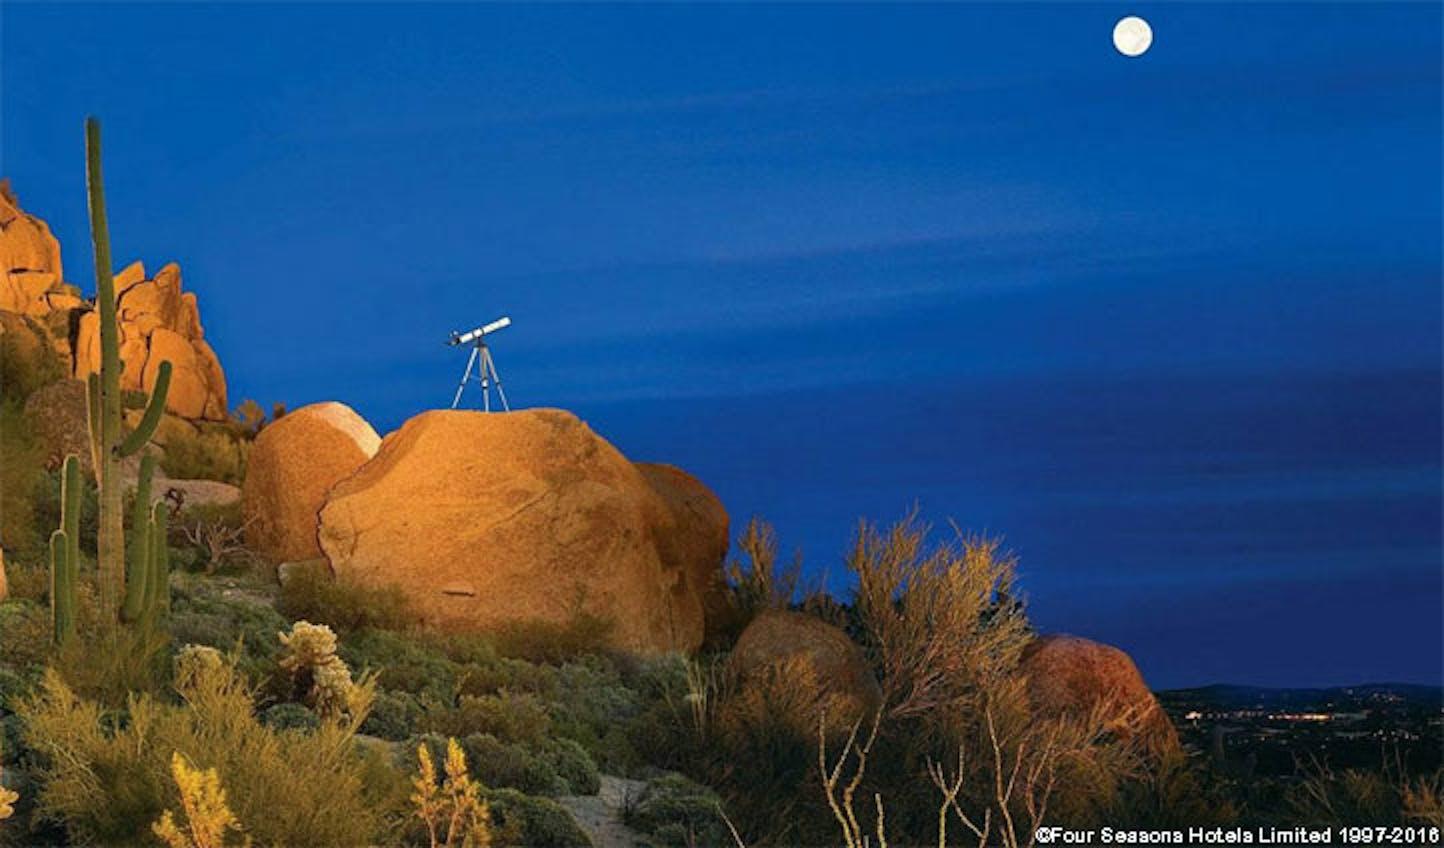 Nowhere's better for stargazing